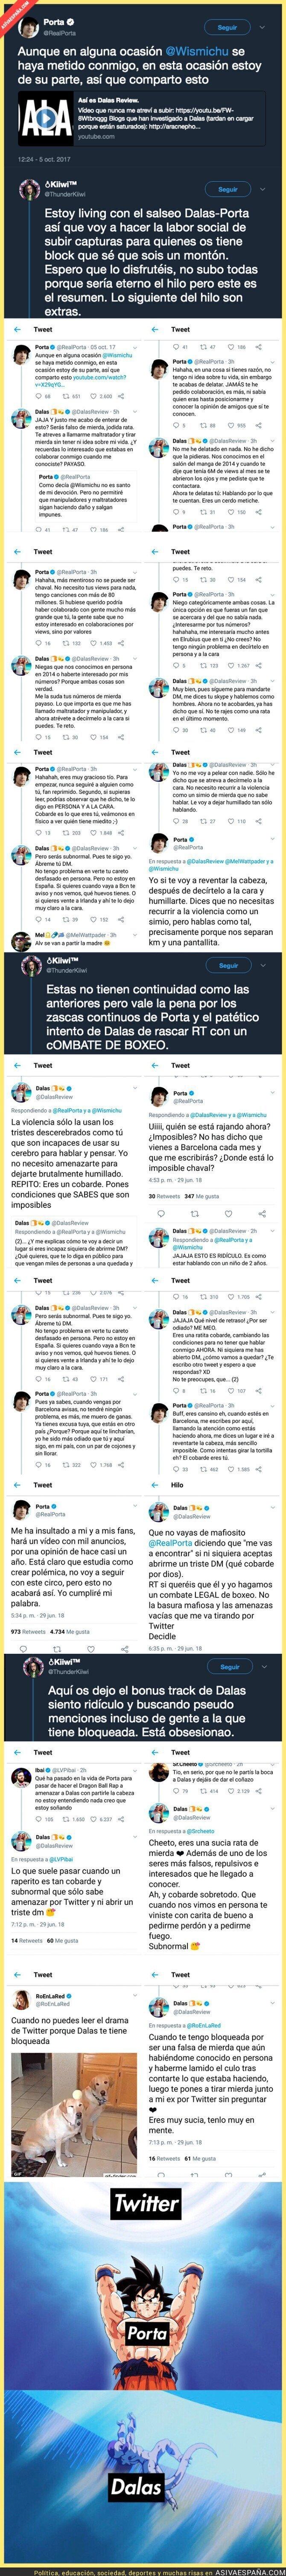 89042 - El rapero Porta se enzarza en la pelea más épica que ha vivido Twitter contra el youtuber Dalas